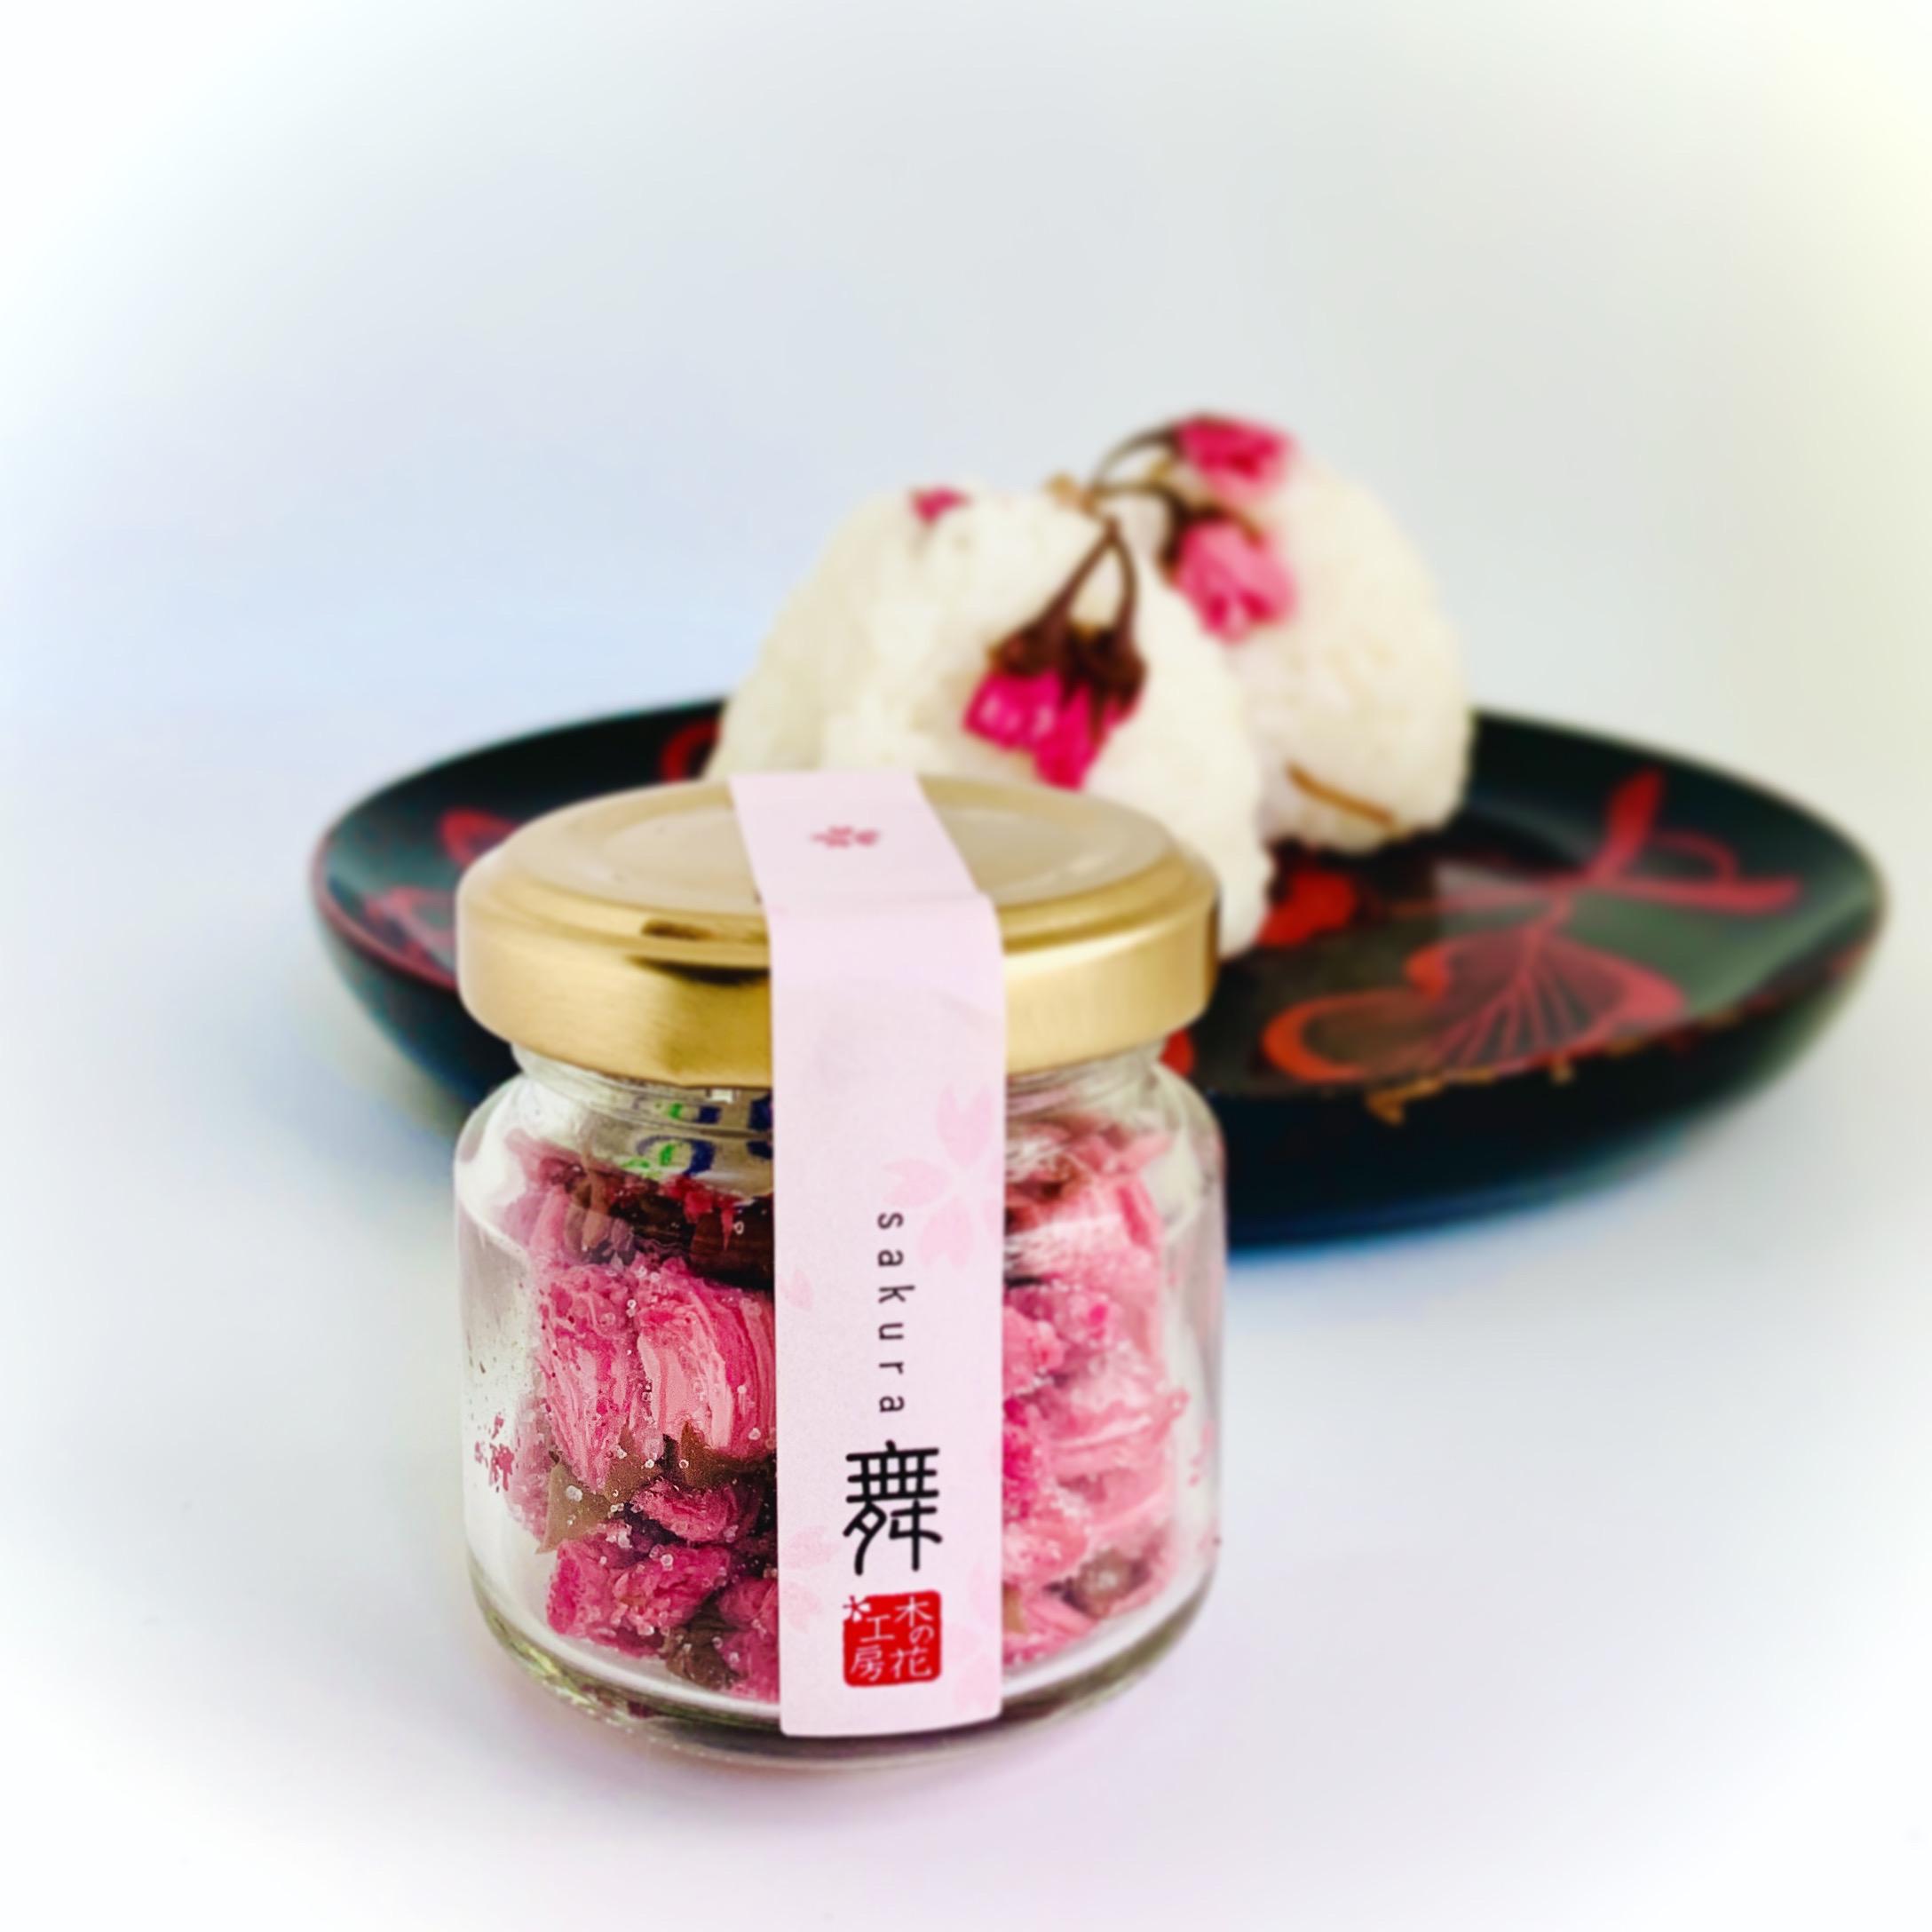 桜花の塩漬けが入荷しました!